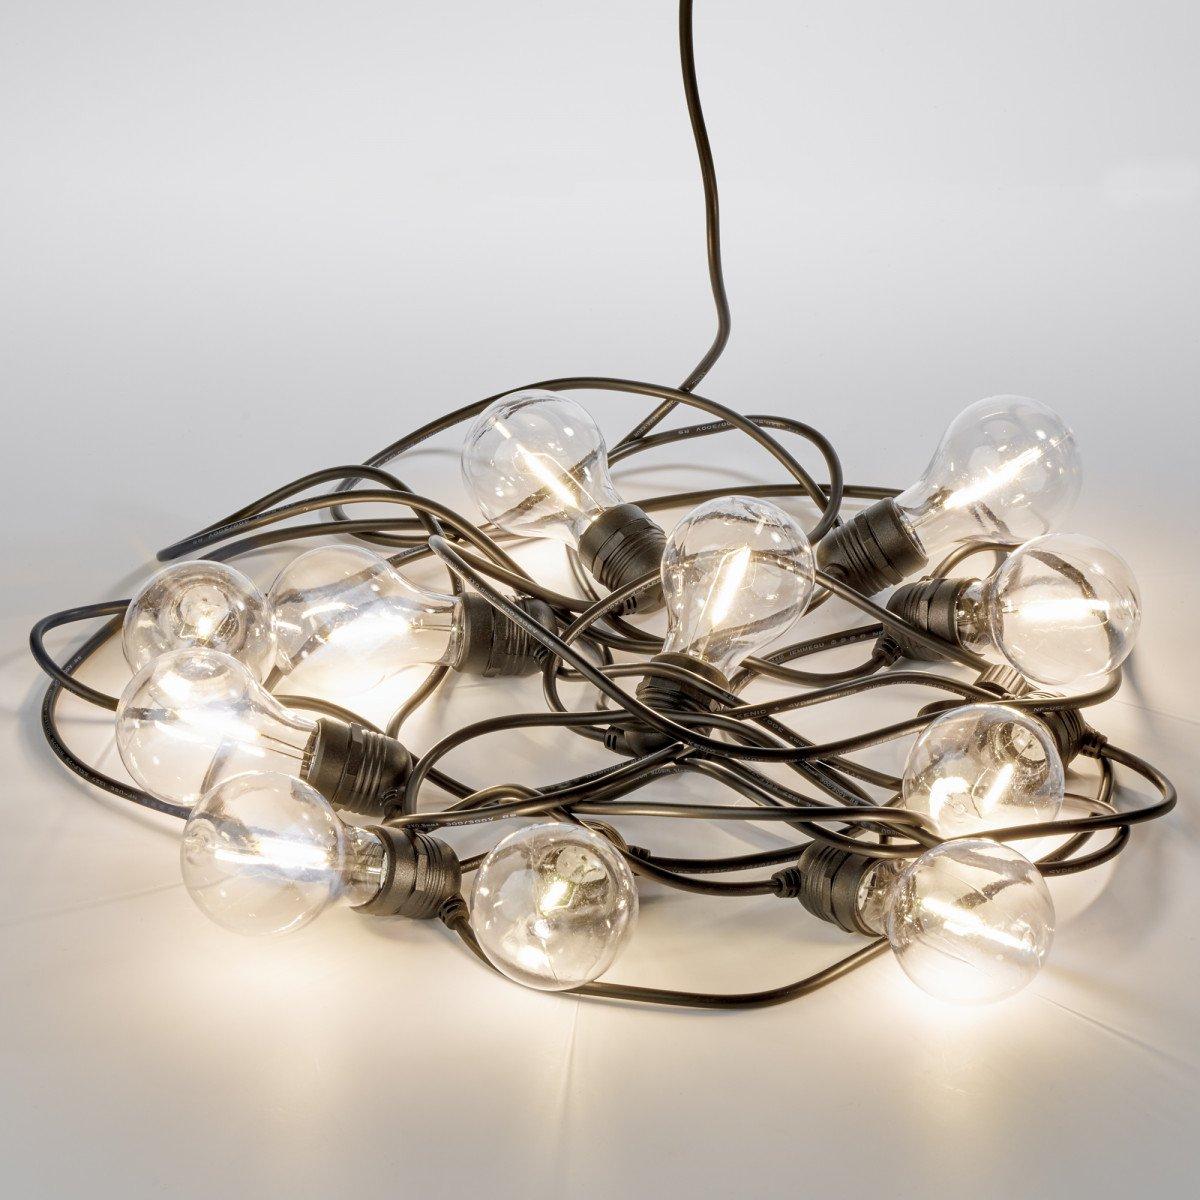 Party 30m Lichterkette klar Inkl. LEDs - 30 Meter / 45 Leuchtmittel